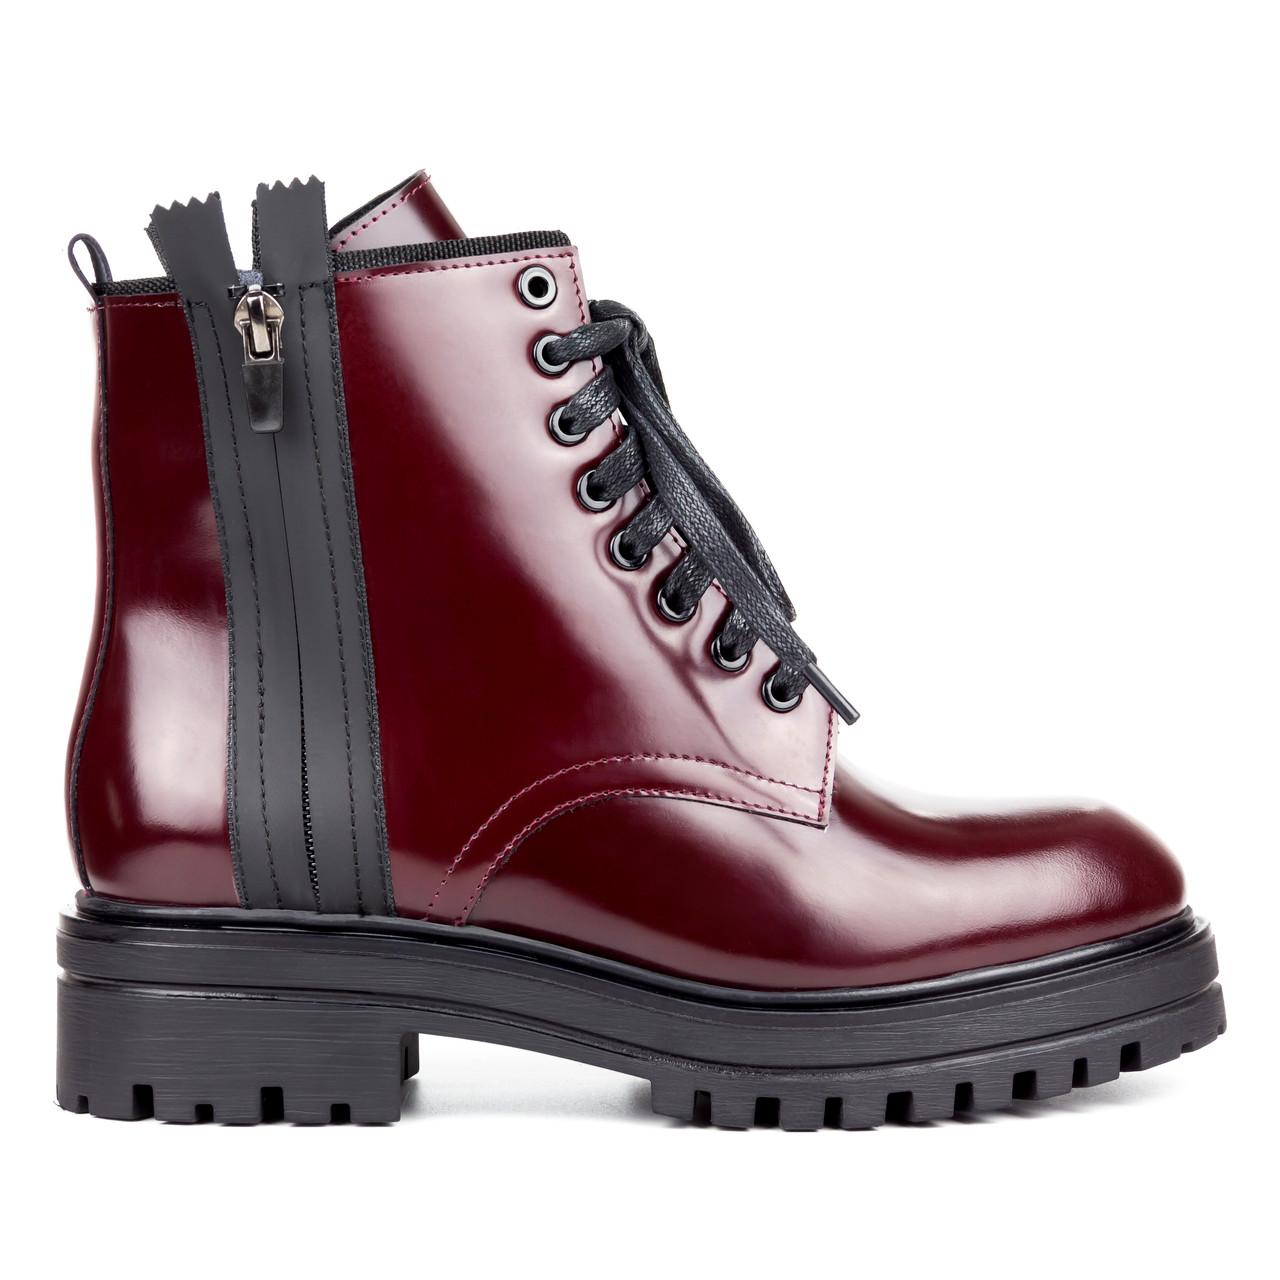 Ботинки женские бордовые (О-874)